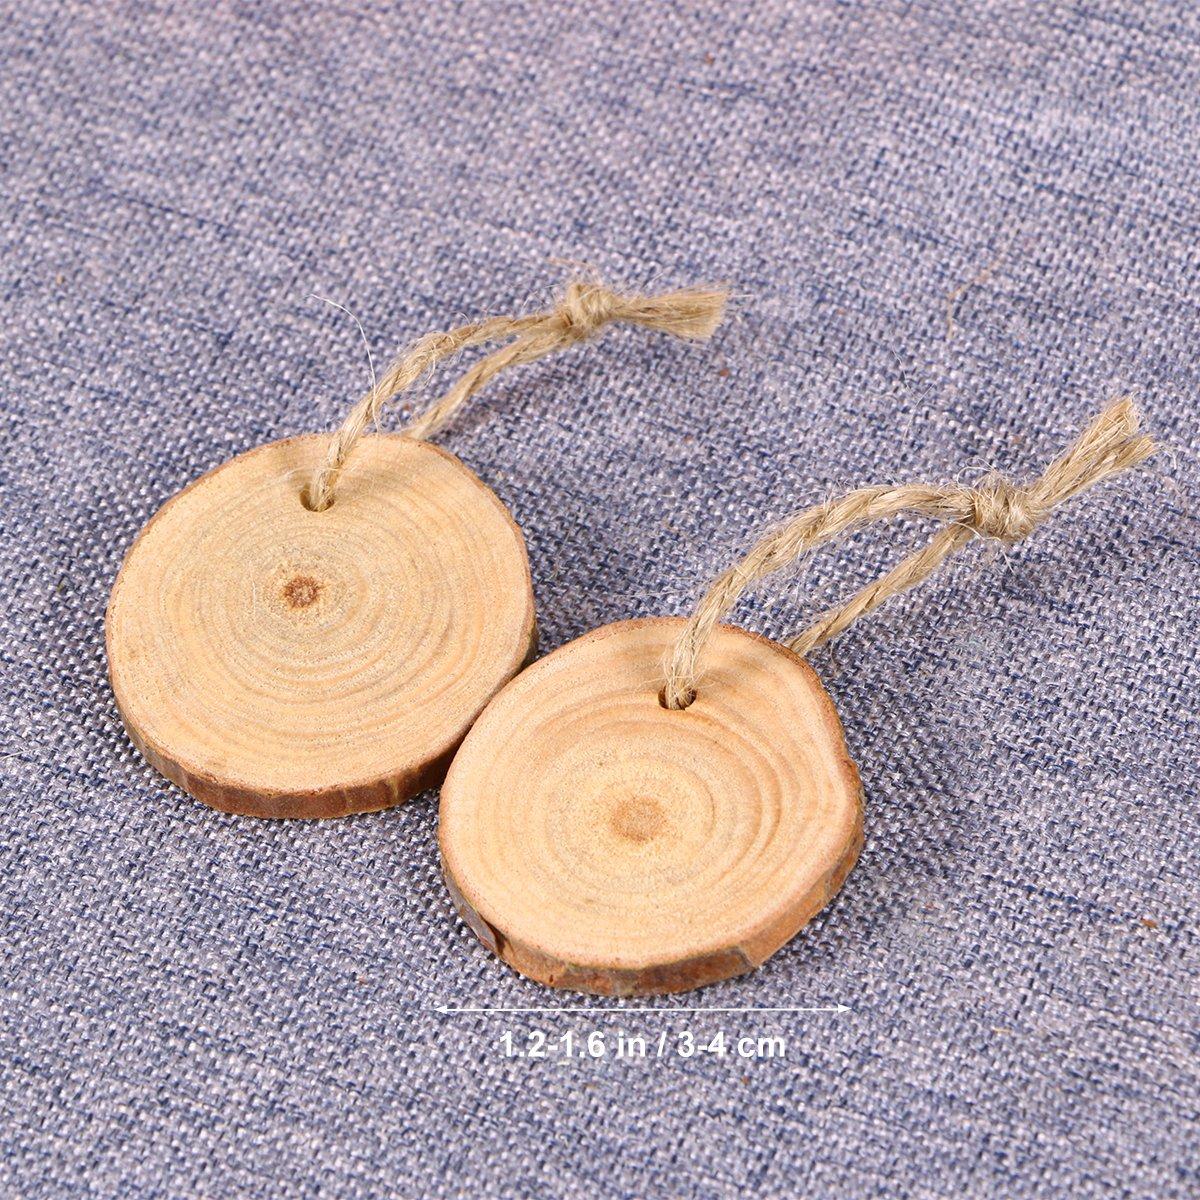 50-Paket /4/cm mit Jute-Schnur ultnice St/ücke von Stamm Holz St/ücke von Stamm Holz unvollendet stabilisiermittel pre-tallados Basteln 3/